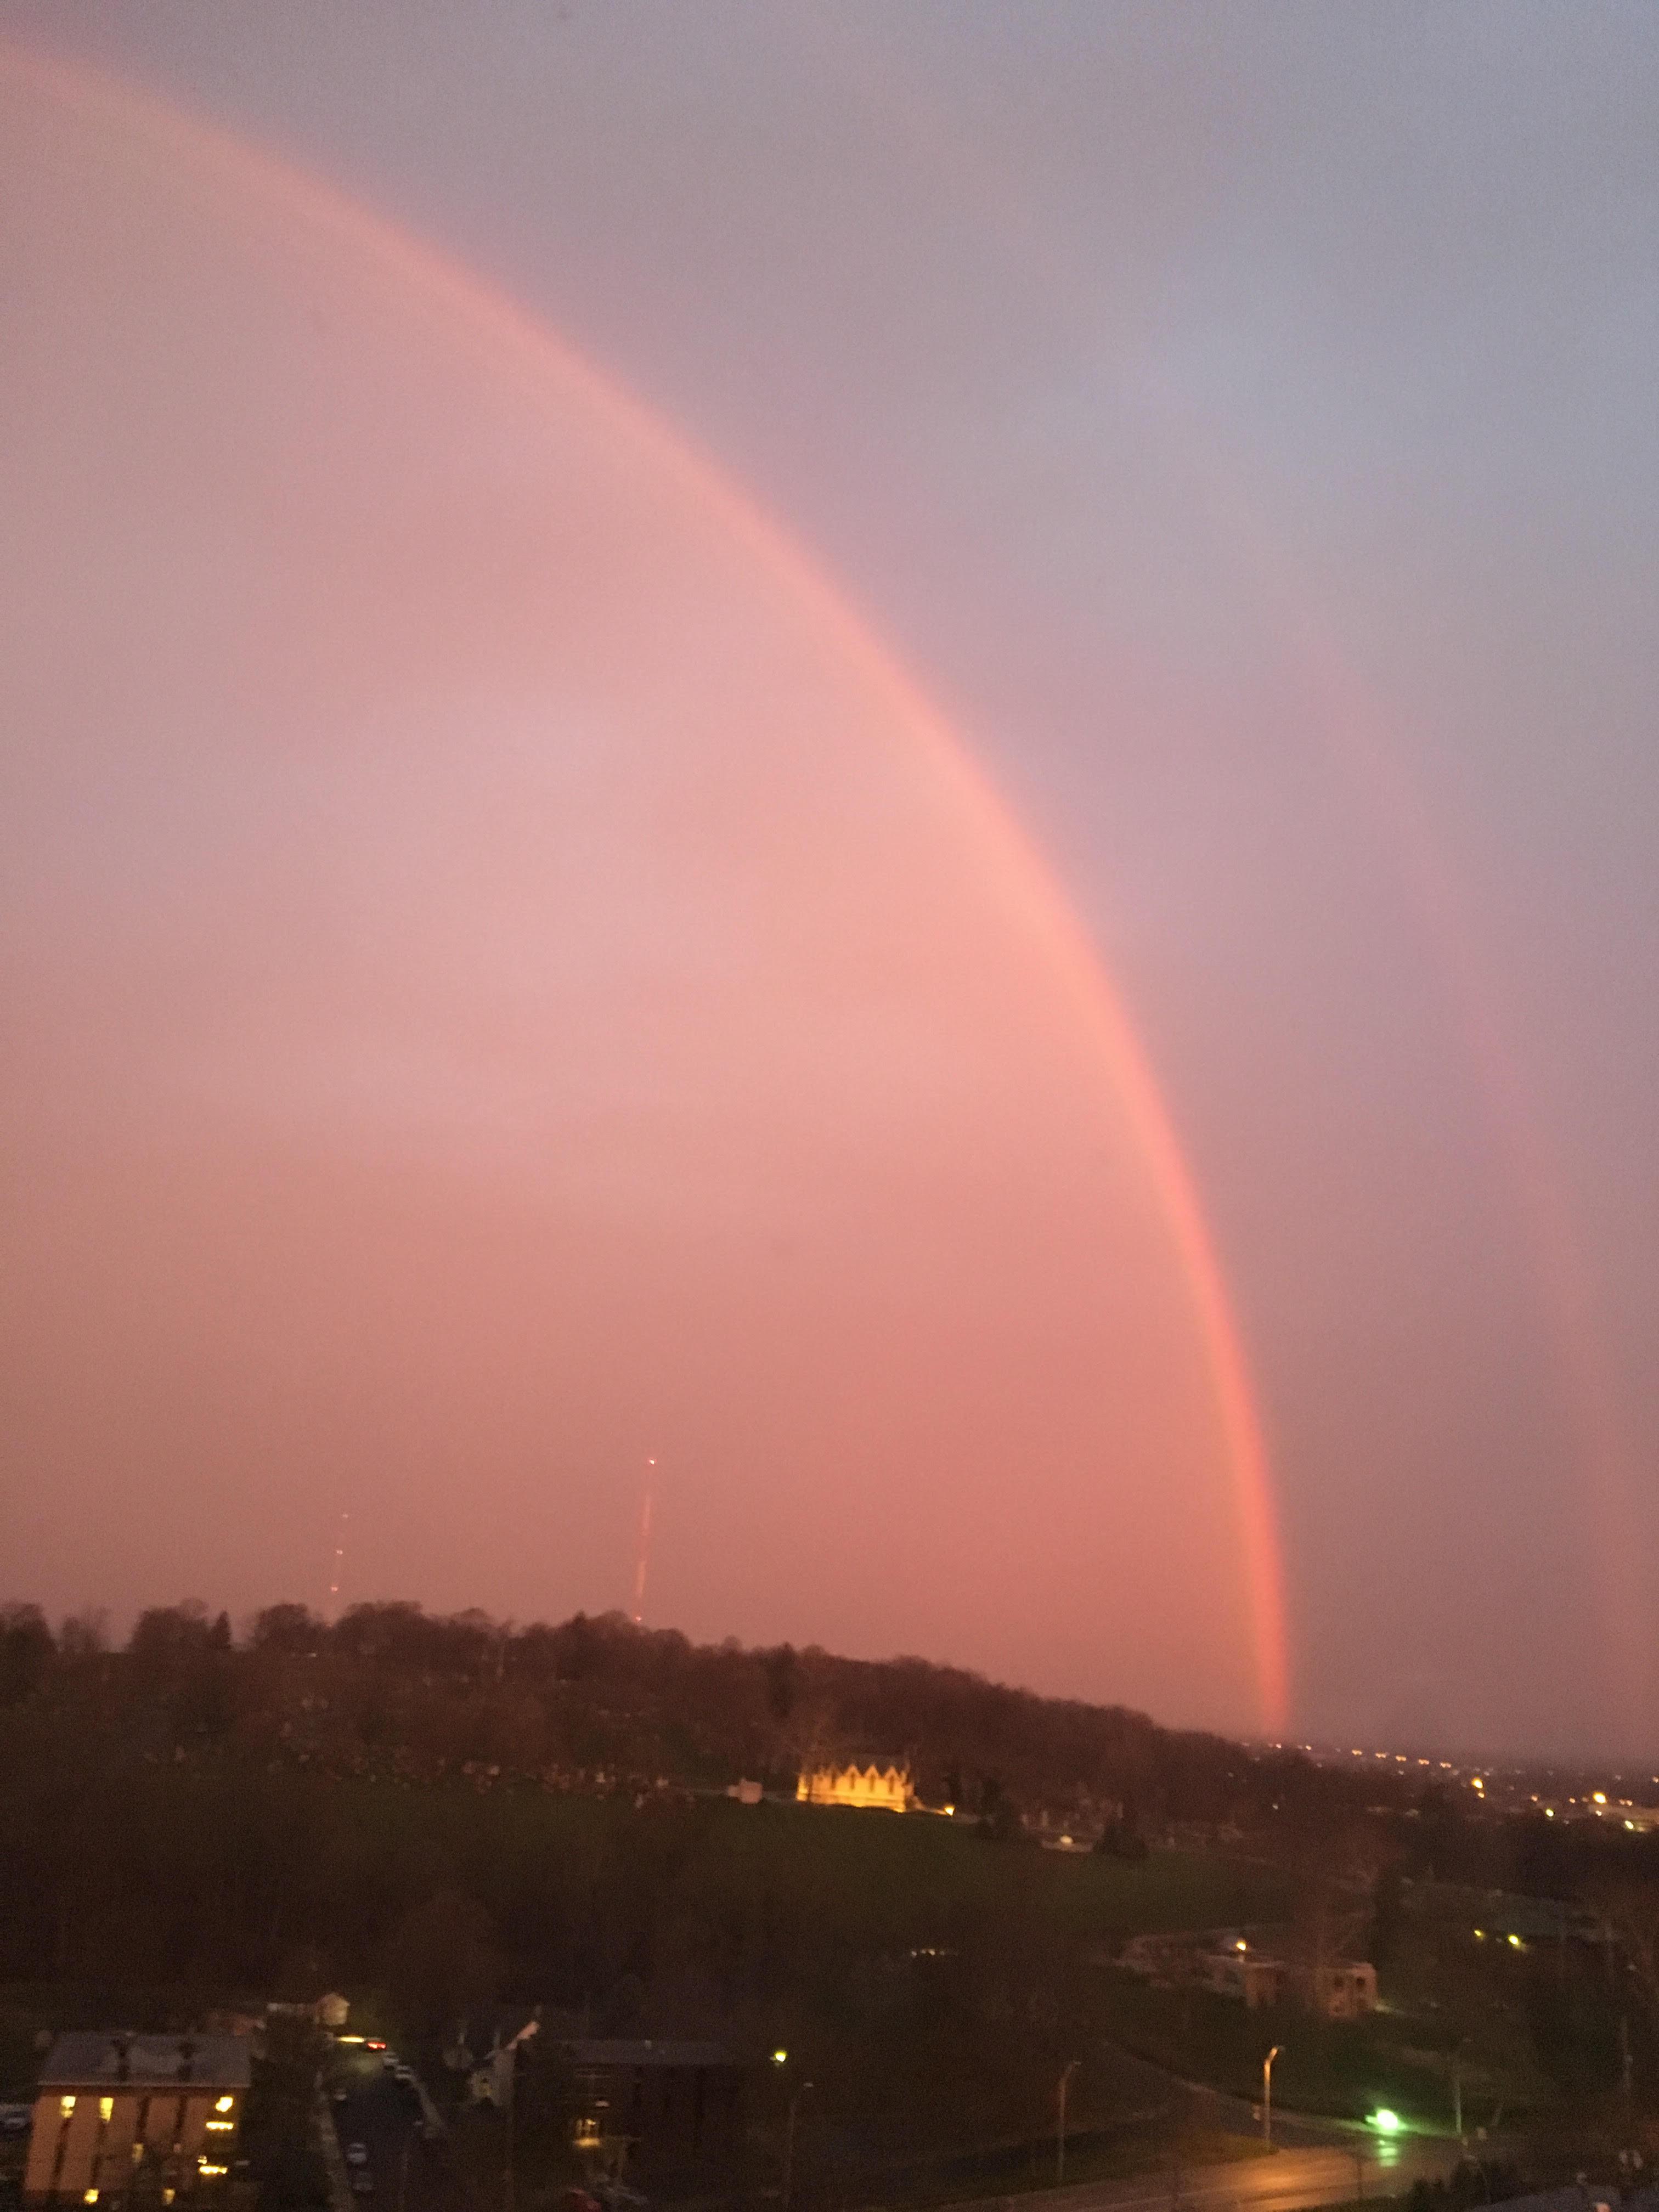 dayton_rainbow